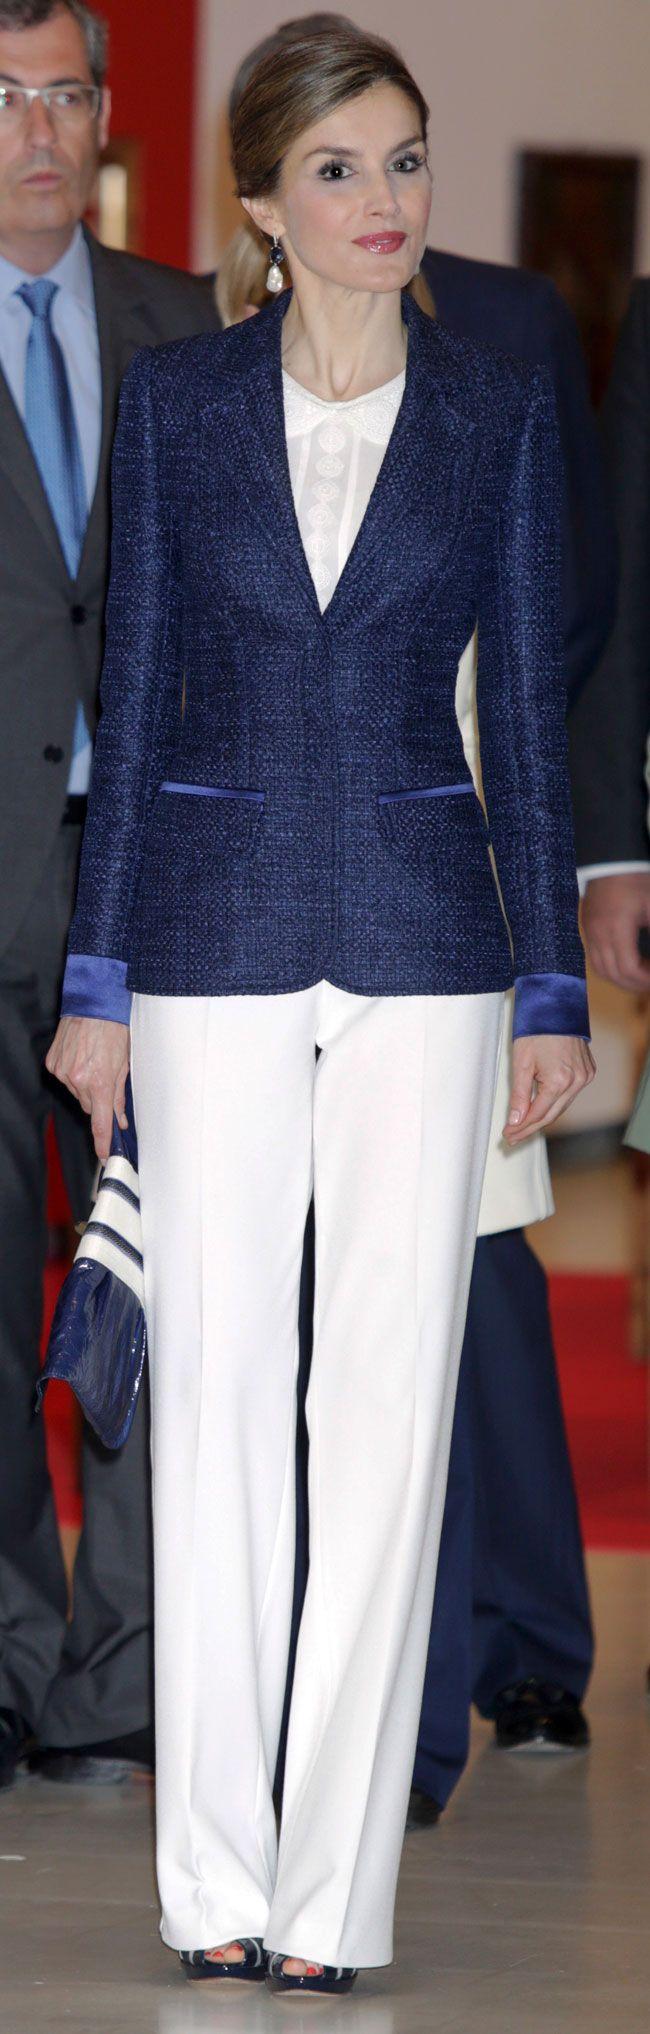 [Código: LETIZIA 0188] Su Majestad la Reina Doña Letizia                                                                                                                                                                                 Más